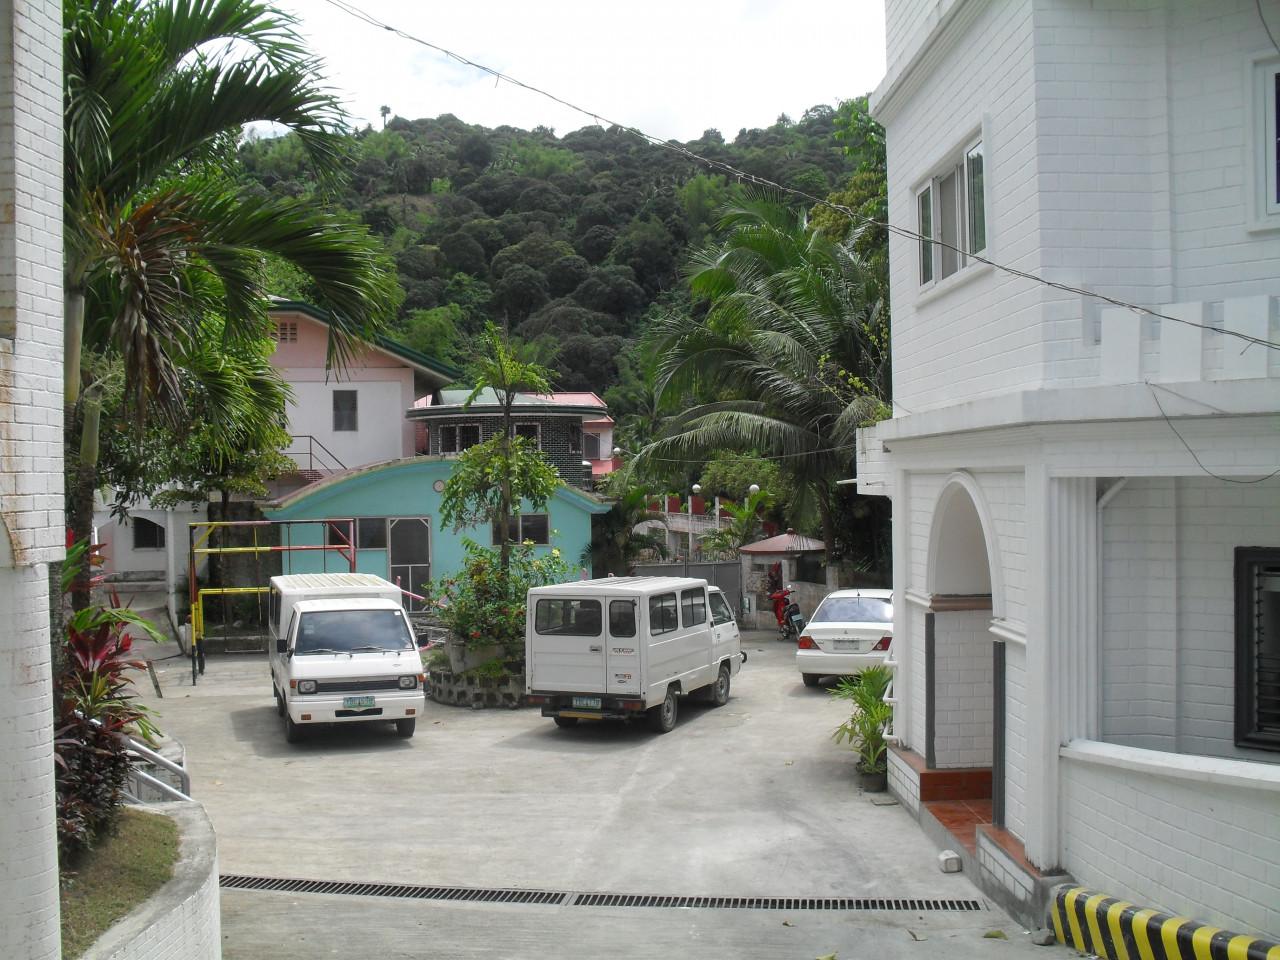 Maatschappelijk Werk Huizen : Sunshine corner ministry of encouragement welkom op onze site